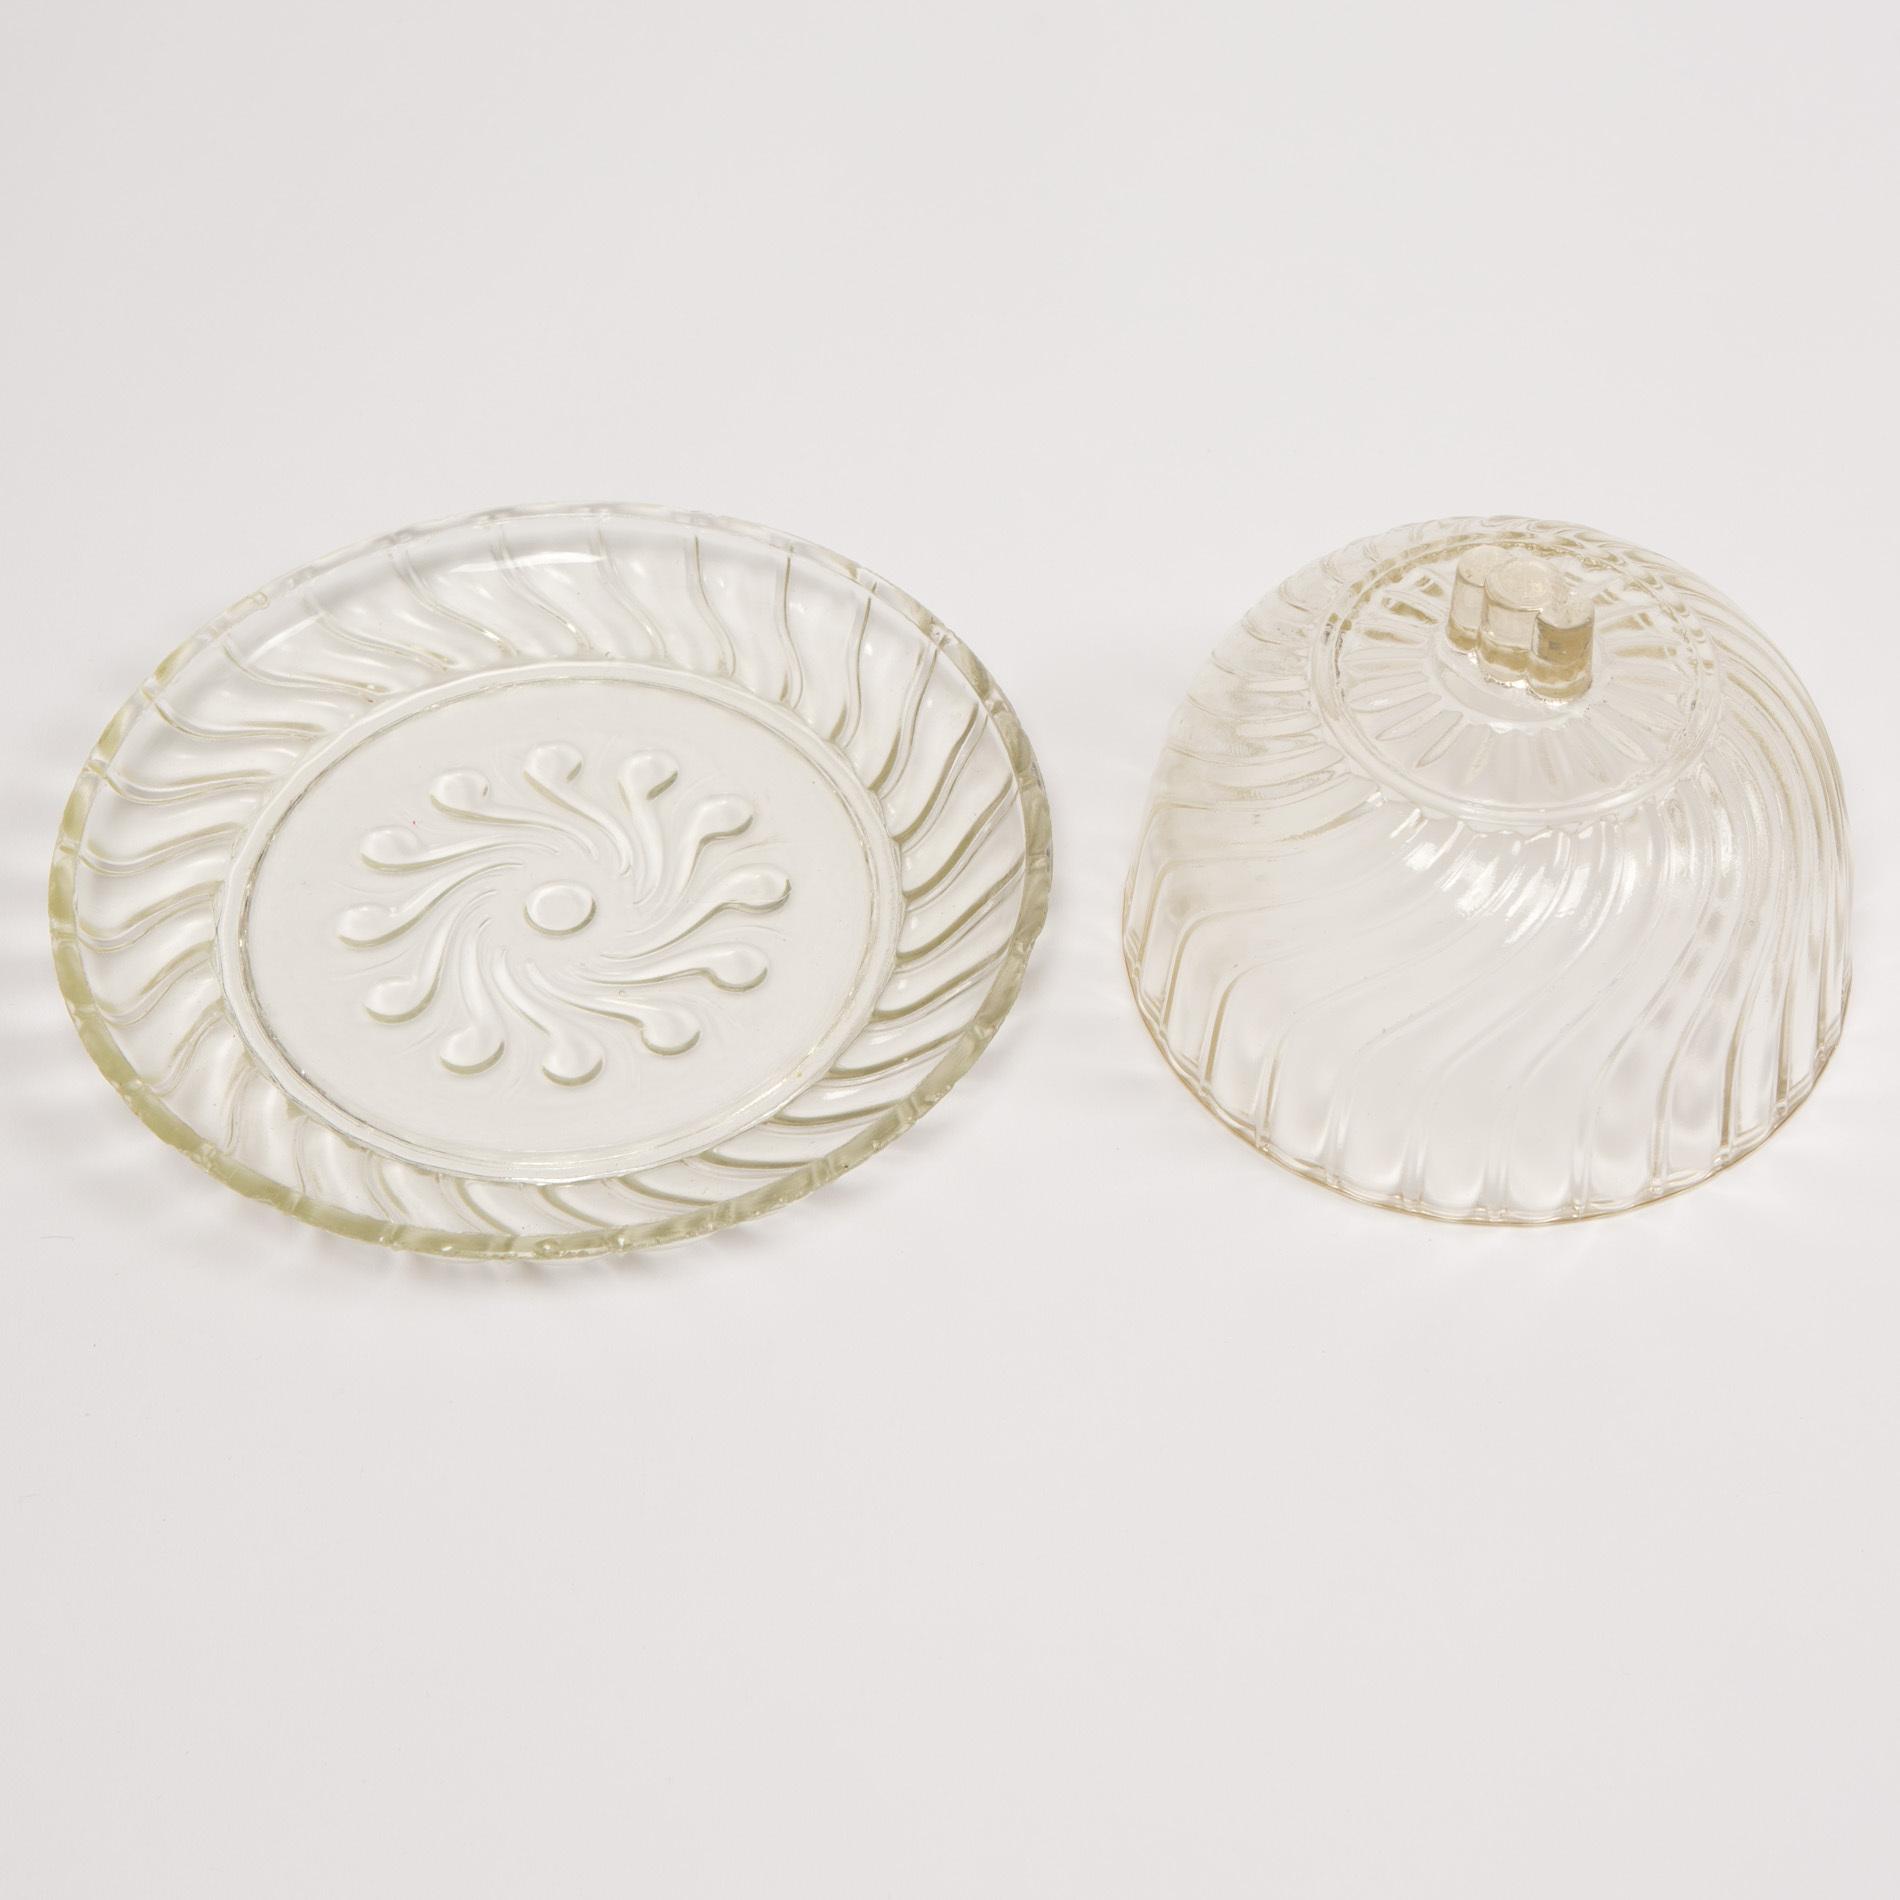 Glass Cheese Dish00004